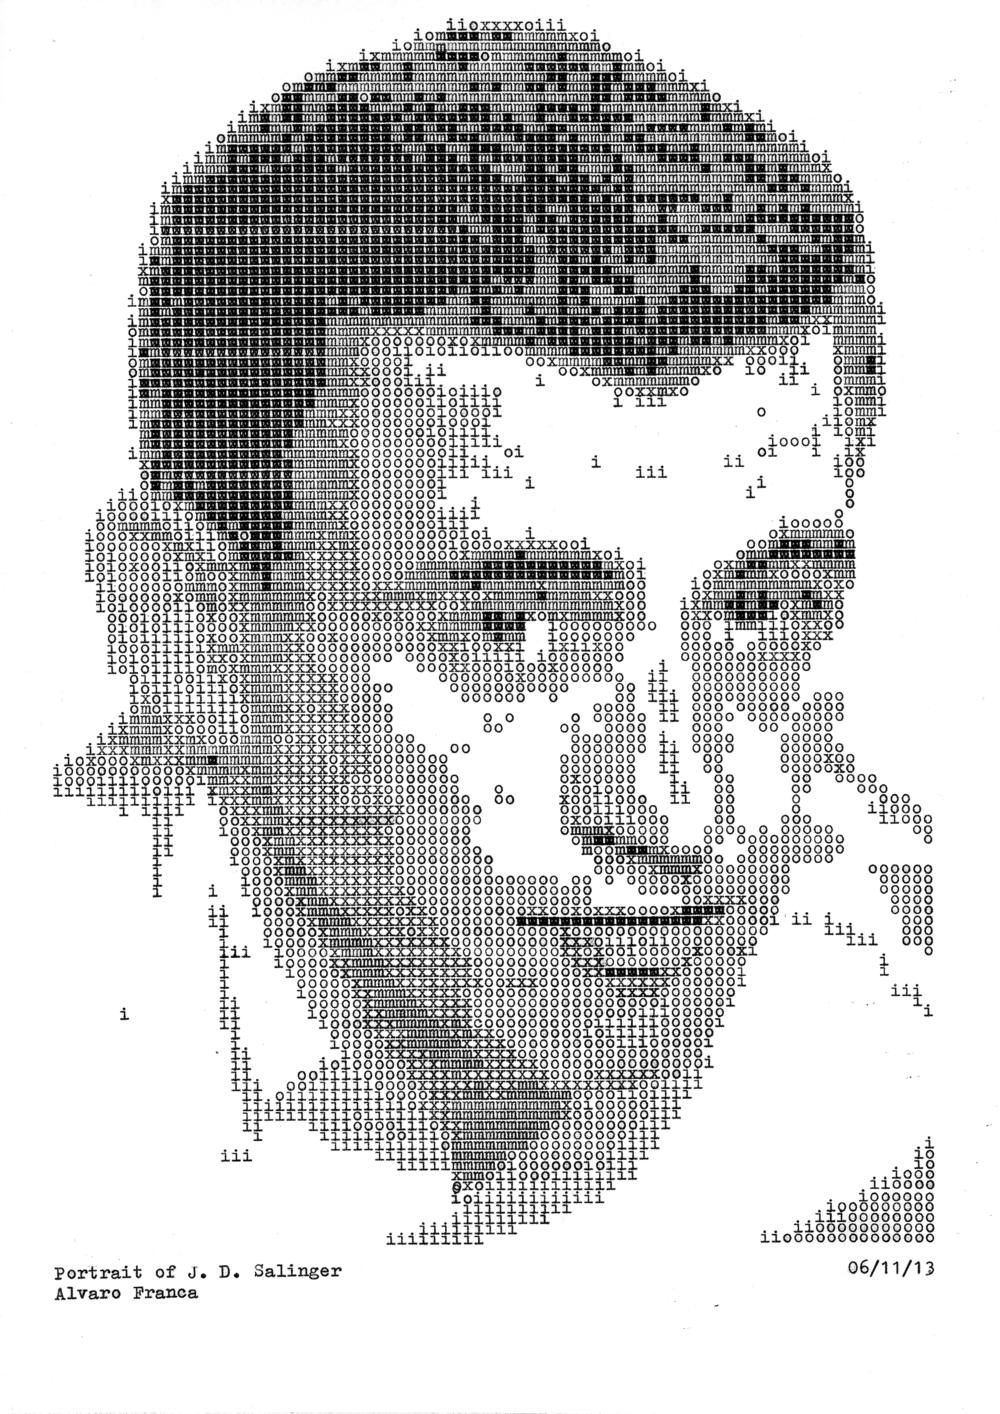 Salinger.png